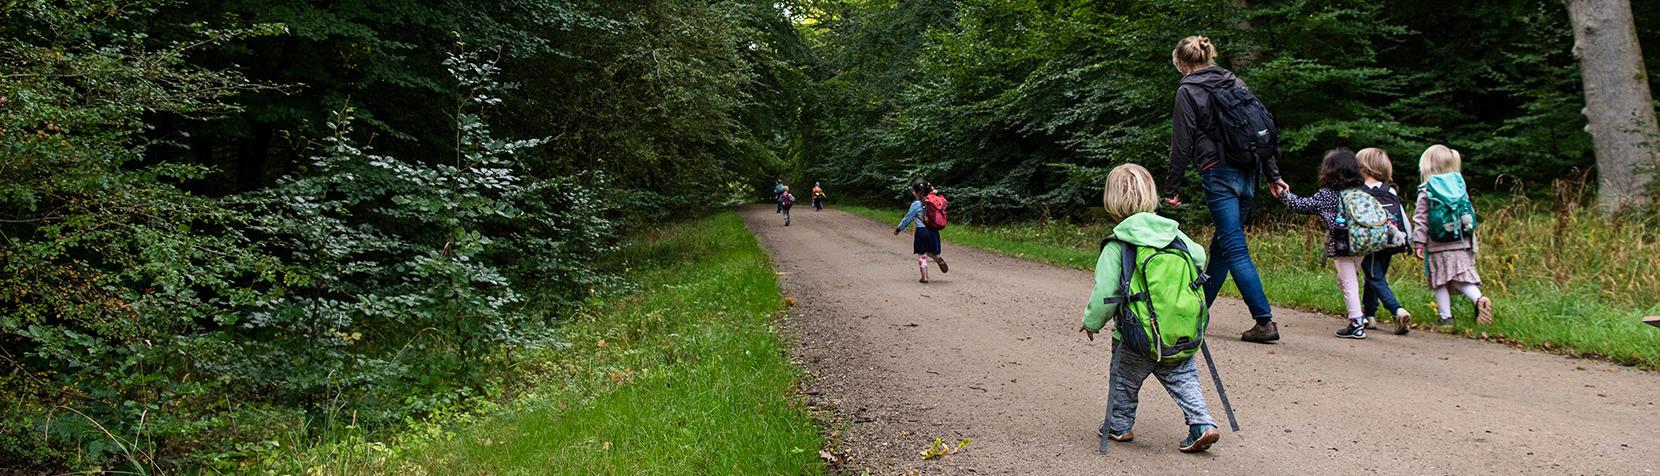 Tudsens skovbørnehave på tur i skoven